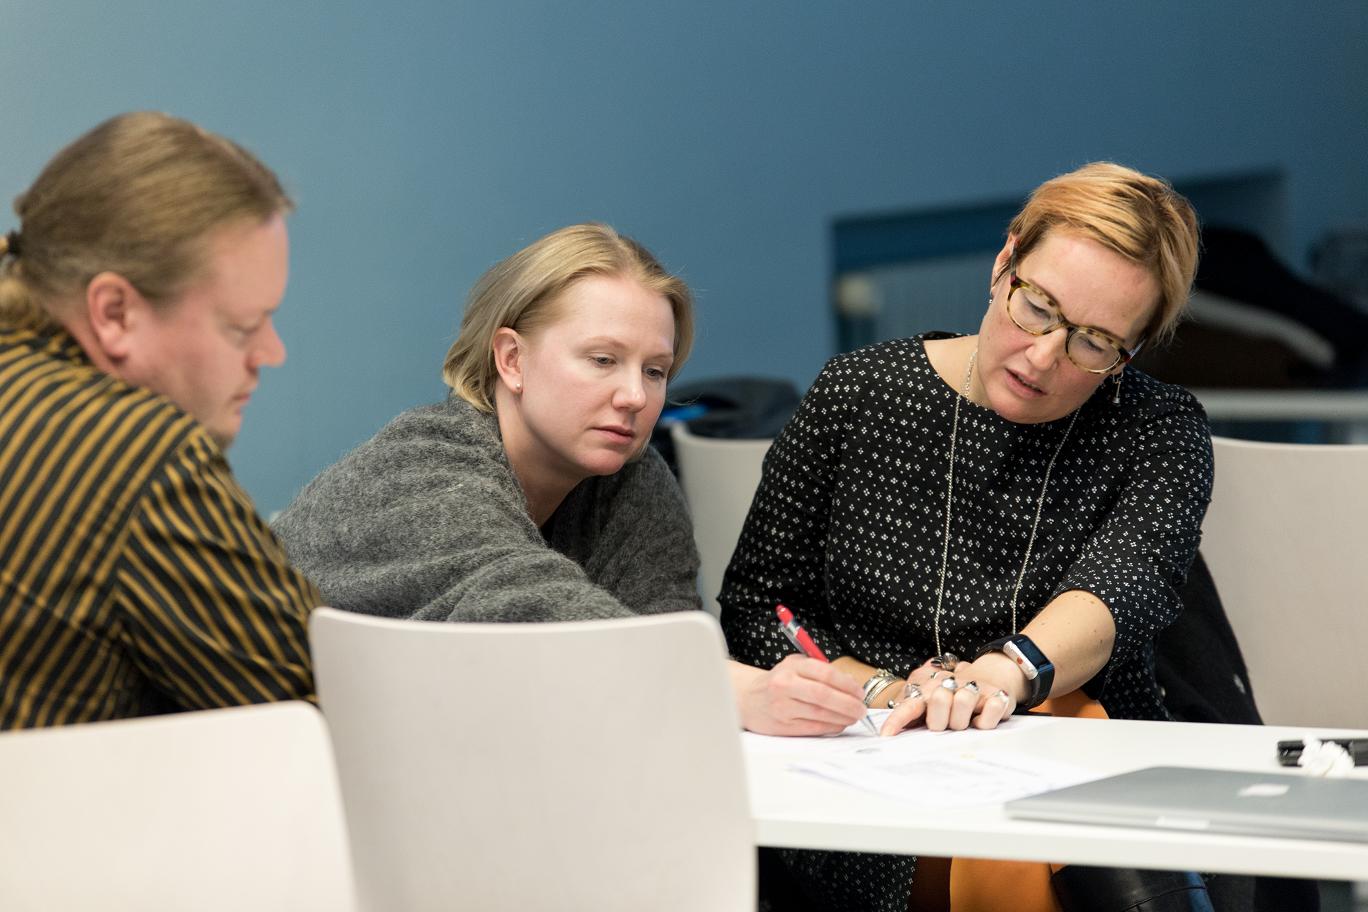 opettajia suunnittelevat paperilla ja kynällä yhteistä työtä